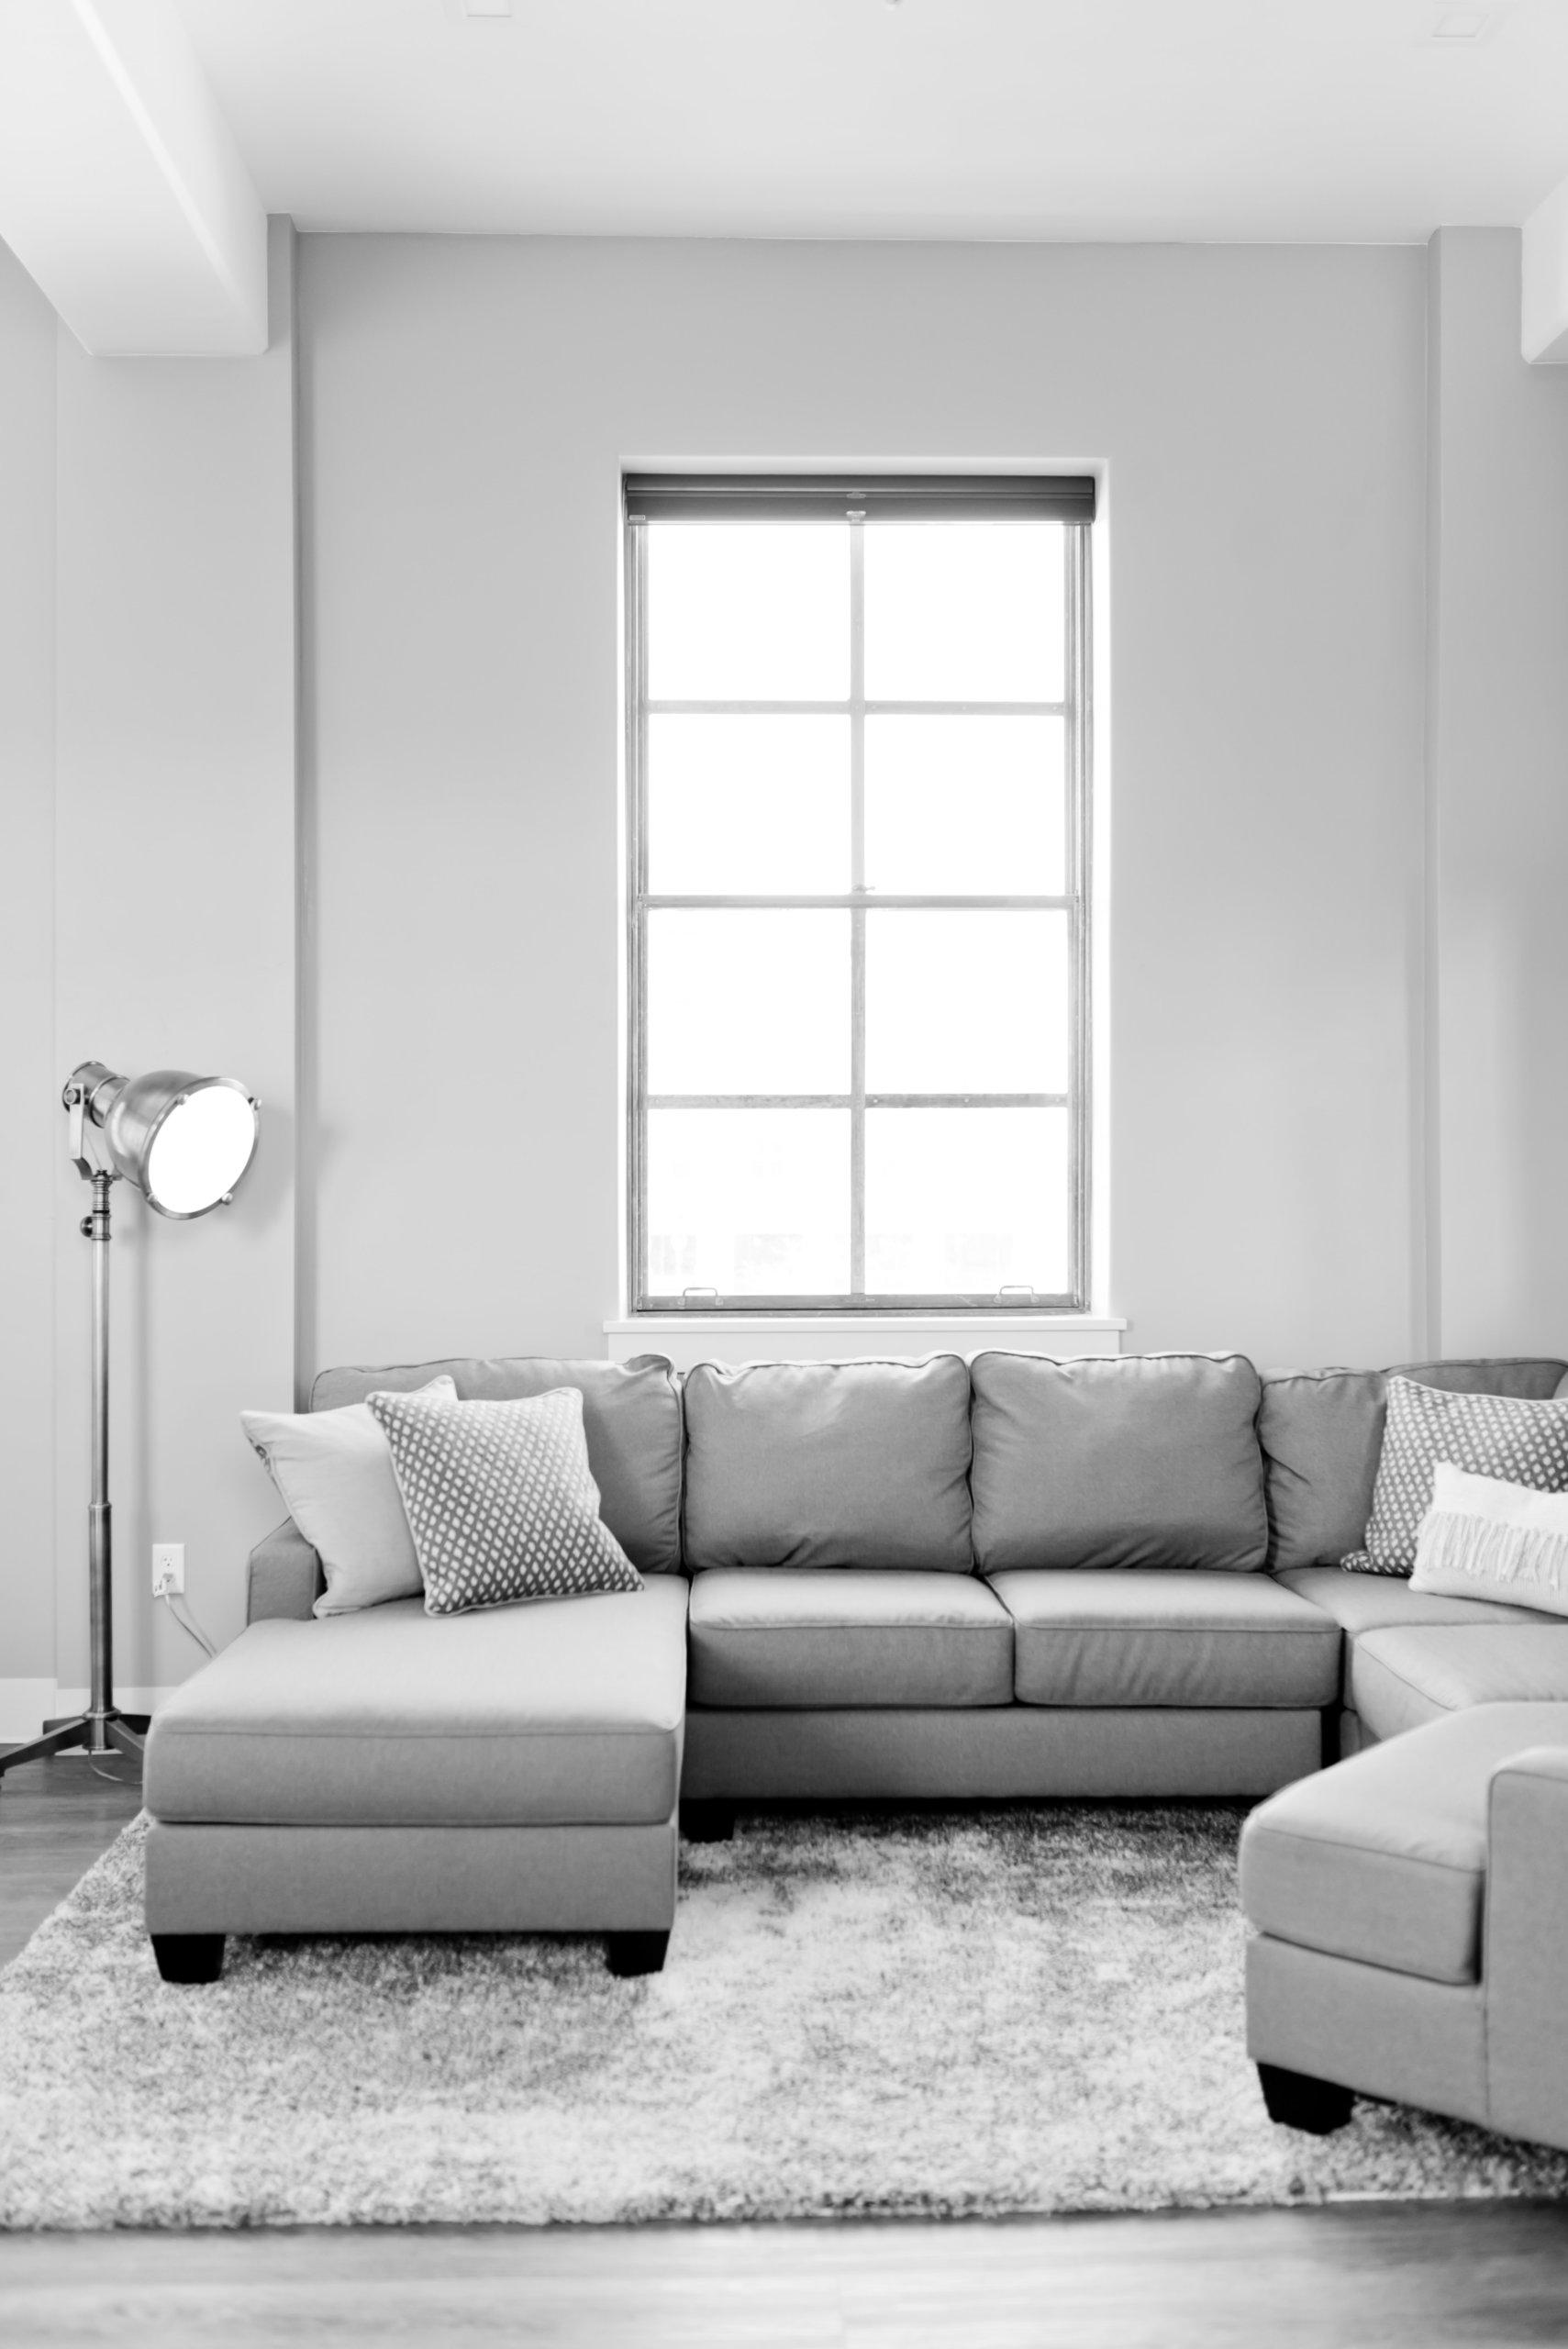 7 sai lầm khi trang trí khiến căn phòng của bạn trôg nhỏ đi nhiều so với diện tích thực - Ảnh 2.